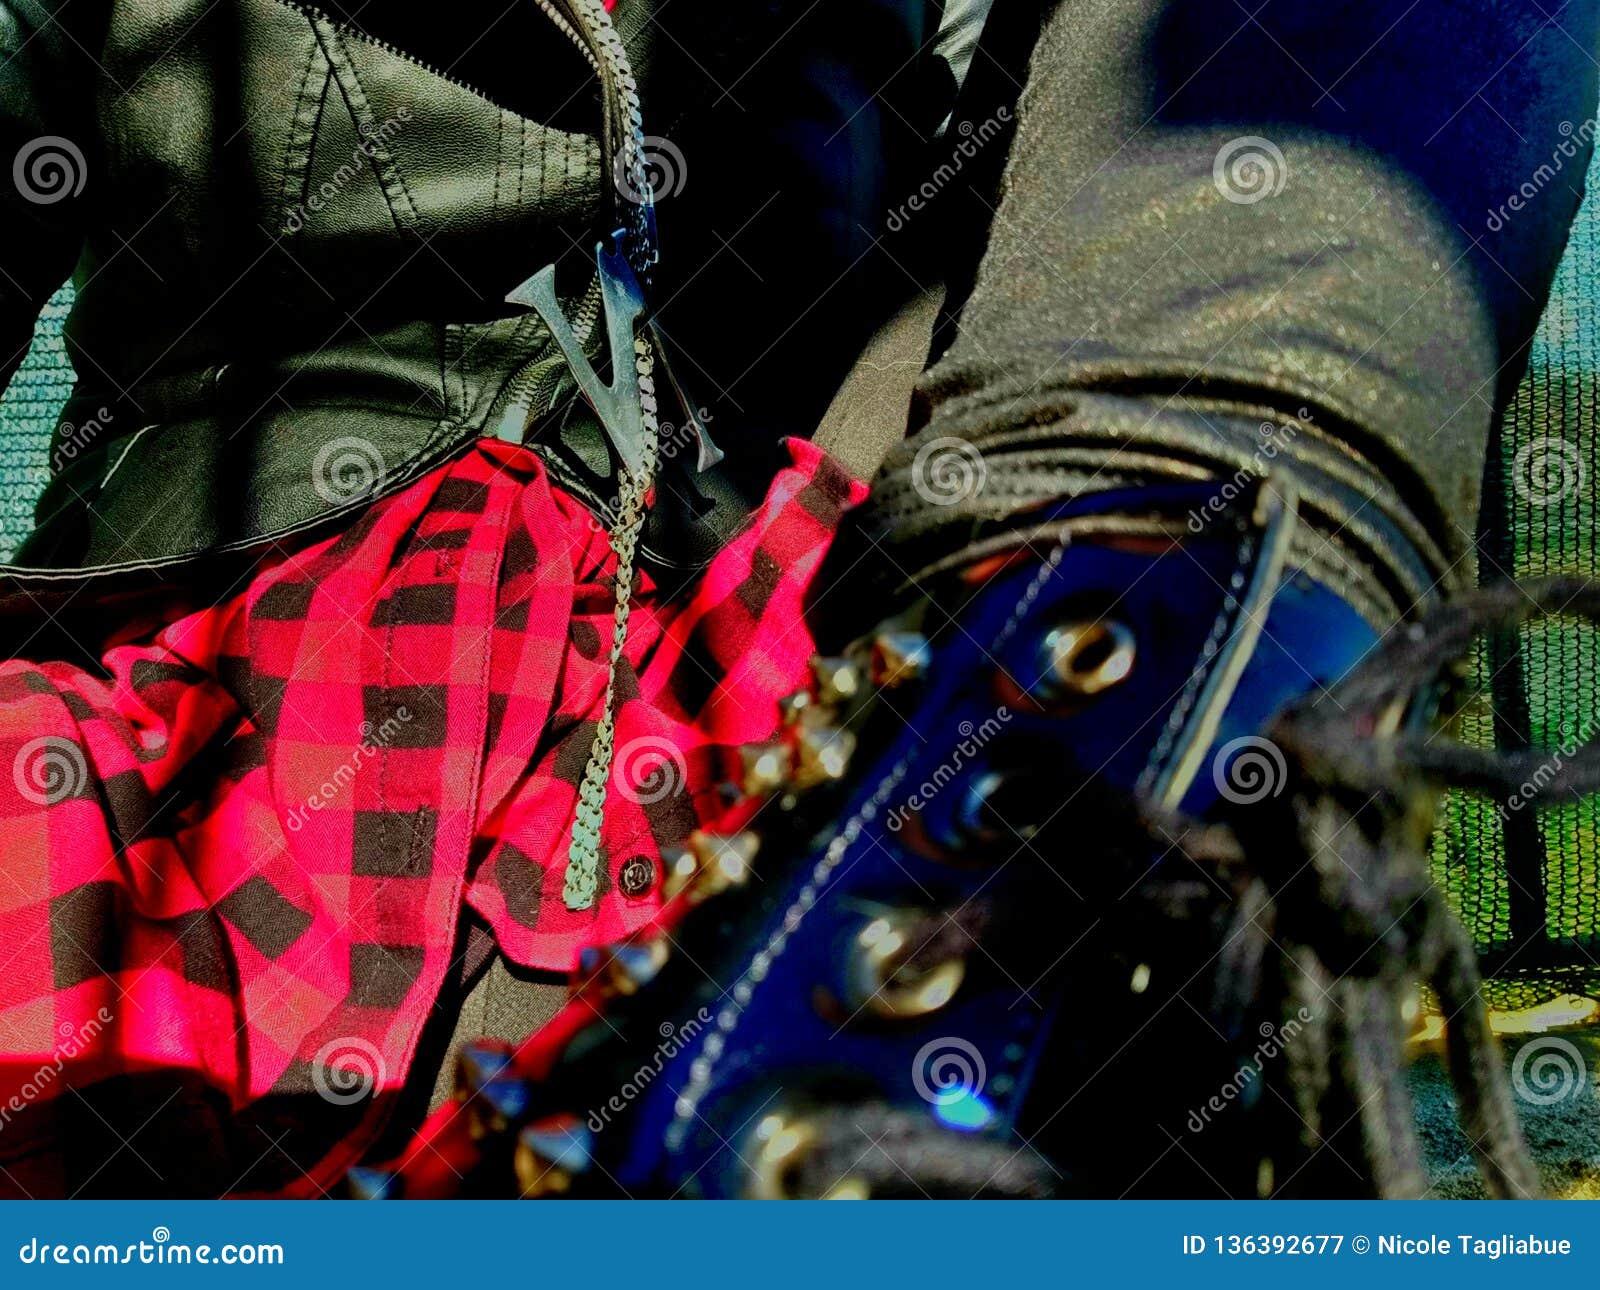 Zbliżenie na punk rock stylu wspaniałych szczegółach, płótna, akcesoria, czerwona koszula i czarna skórzana kurtka, - dziewczyna